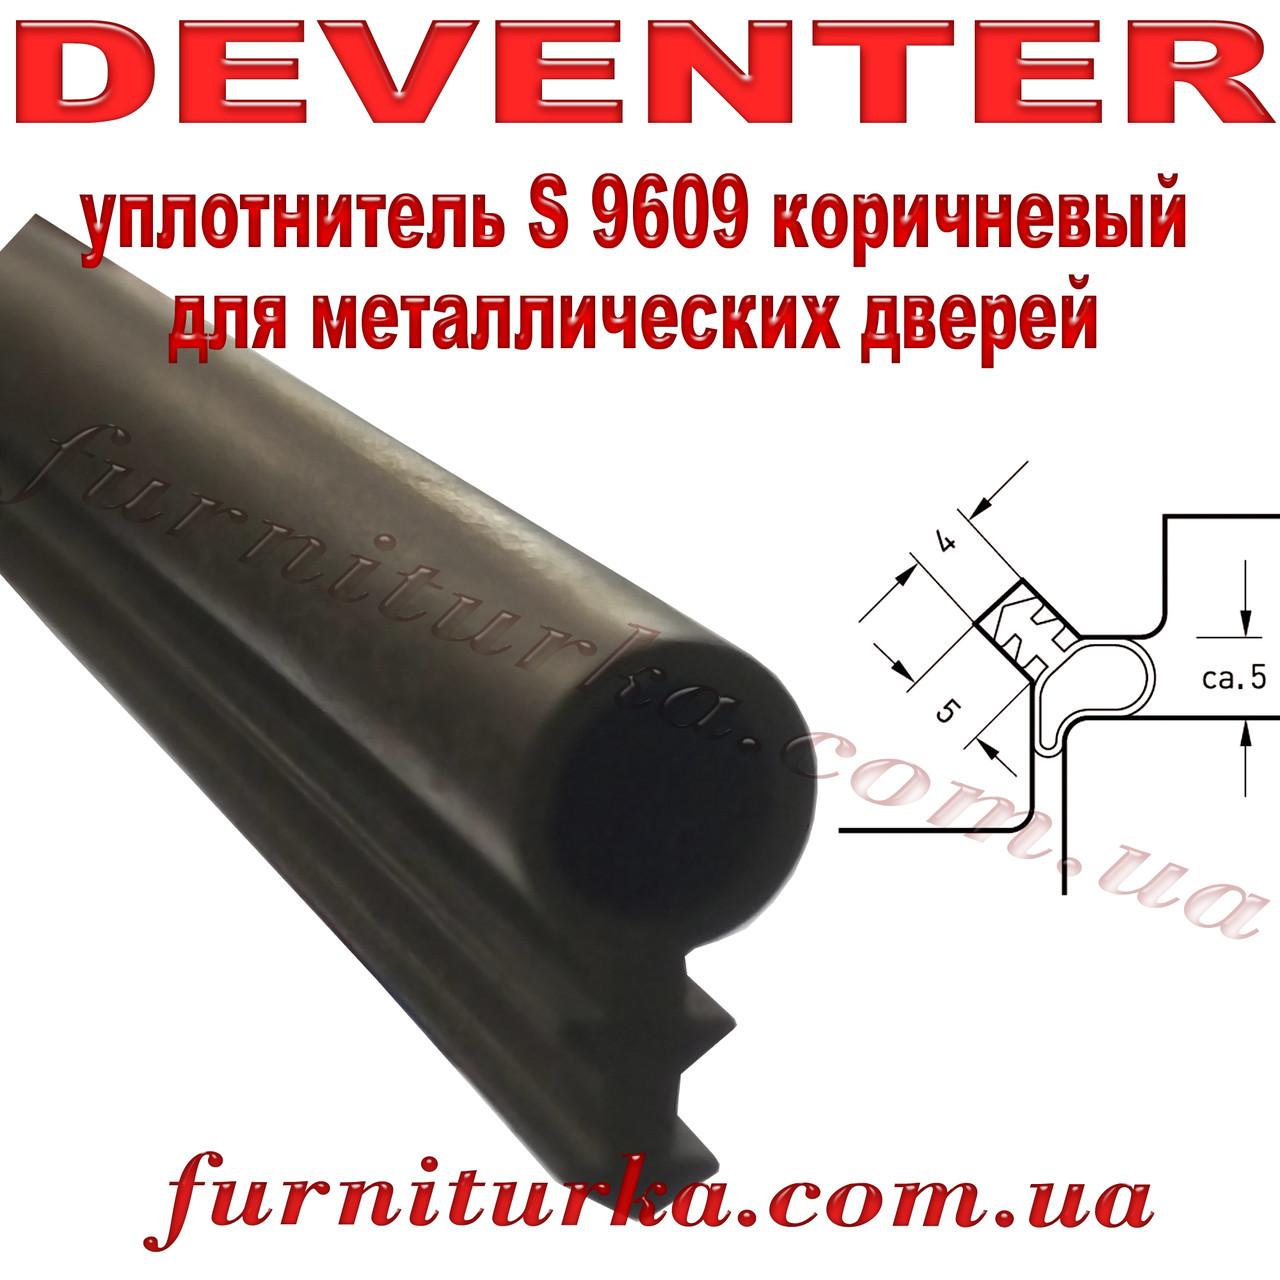 Уплотнитель Deventer S 9609 коричневый